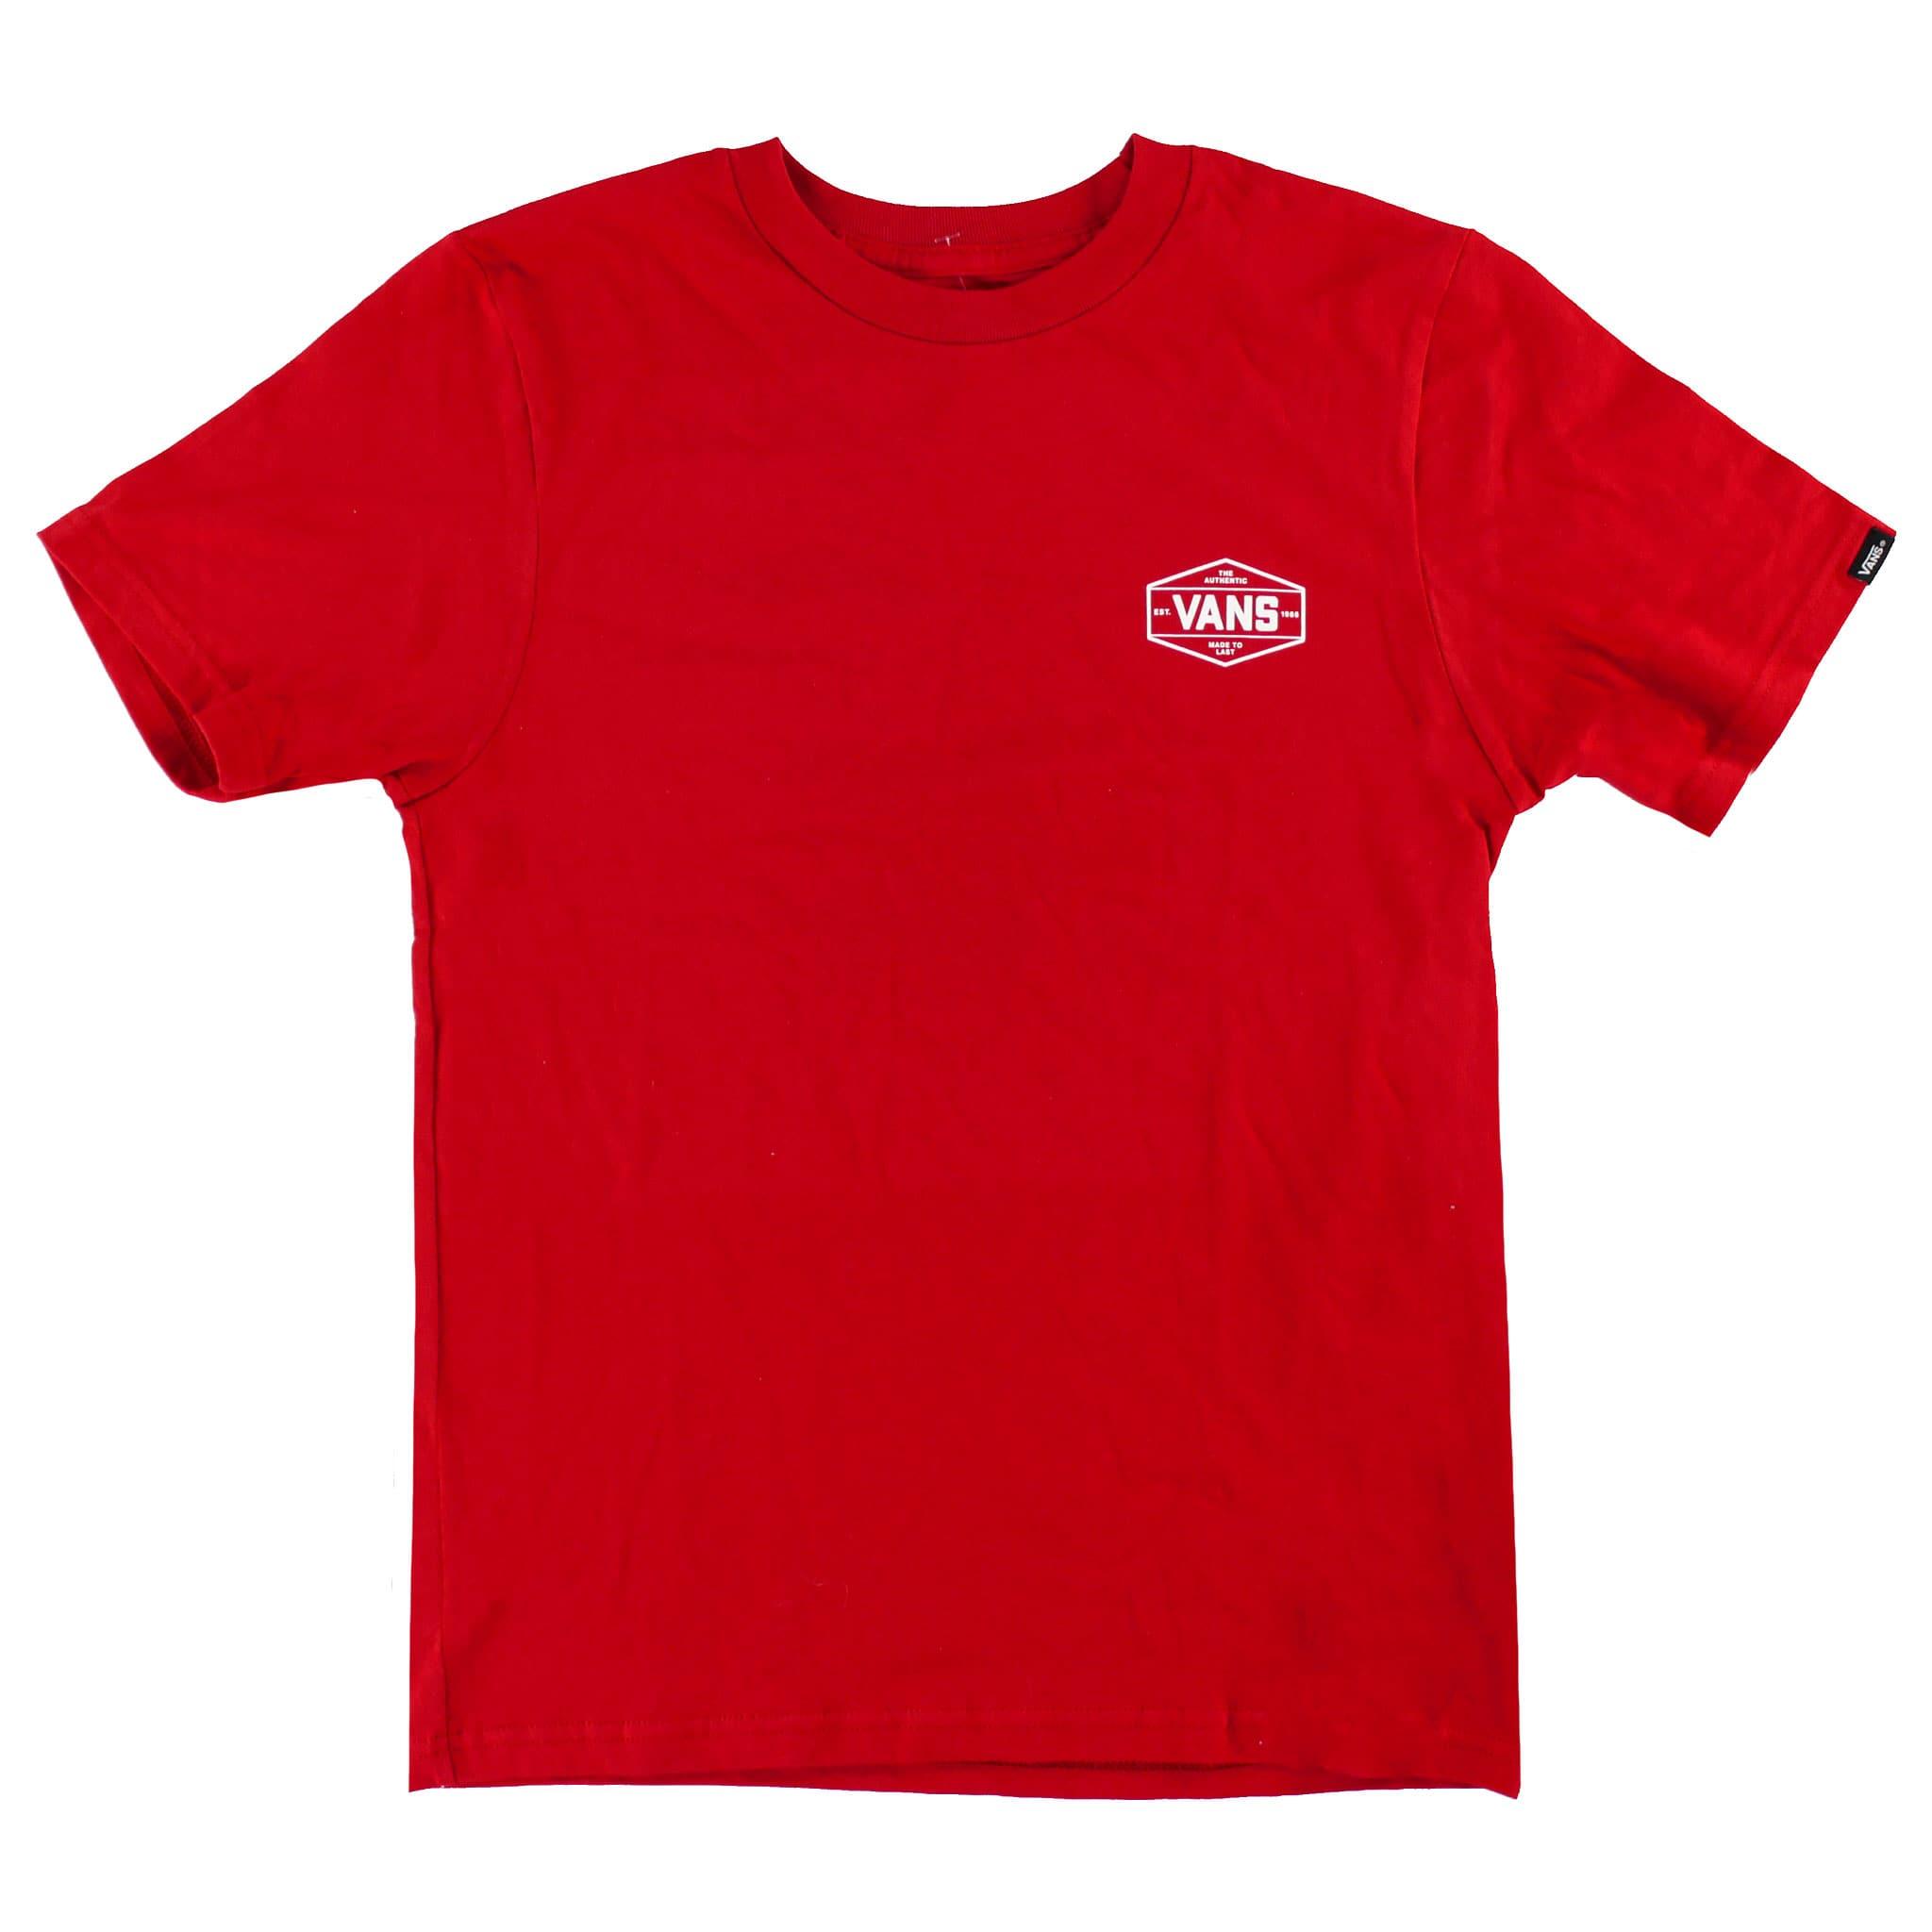 tee shirt fille 10 ans marque vans